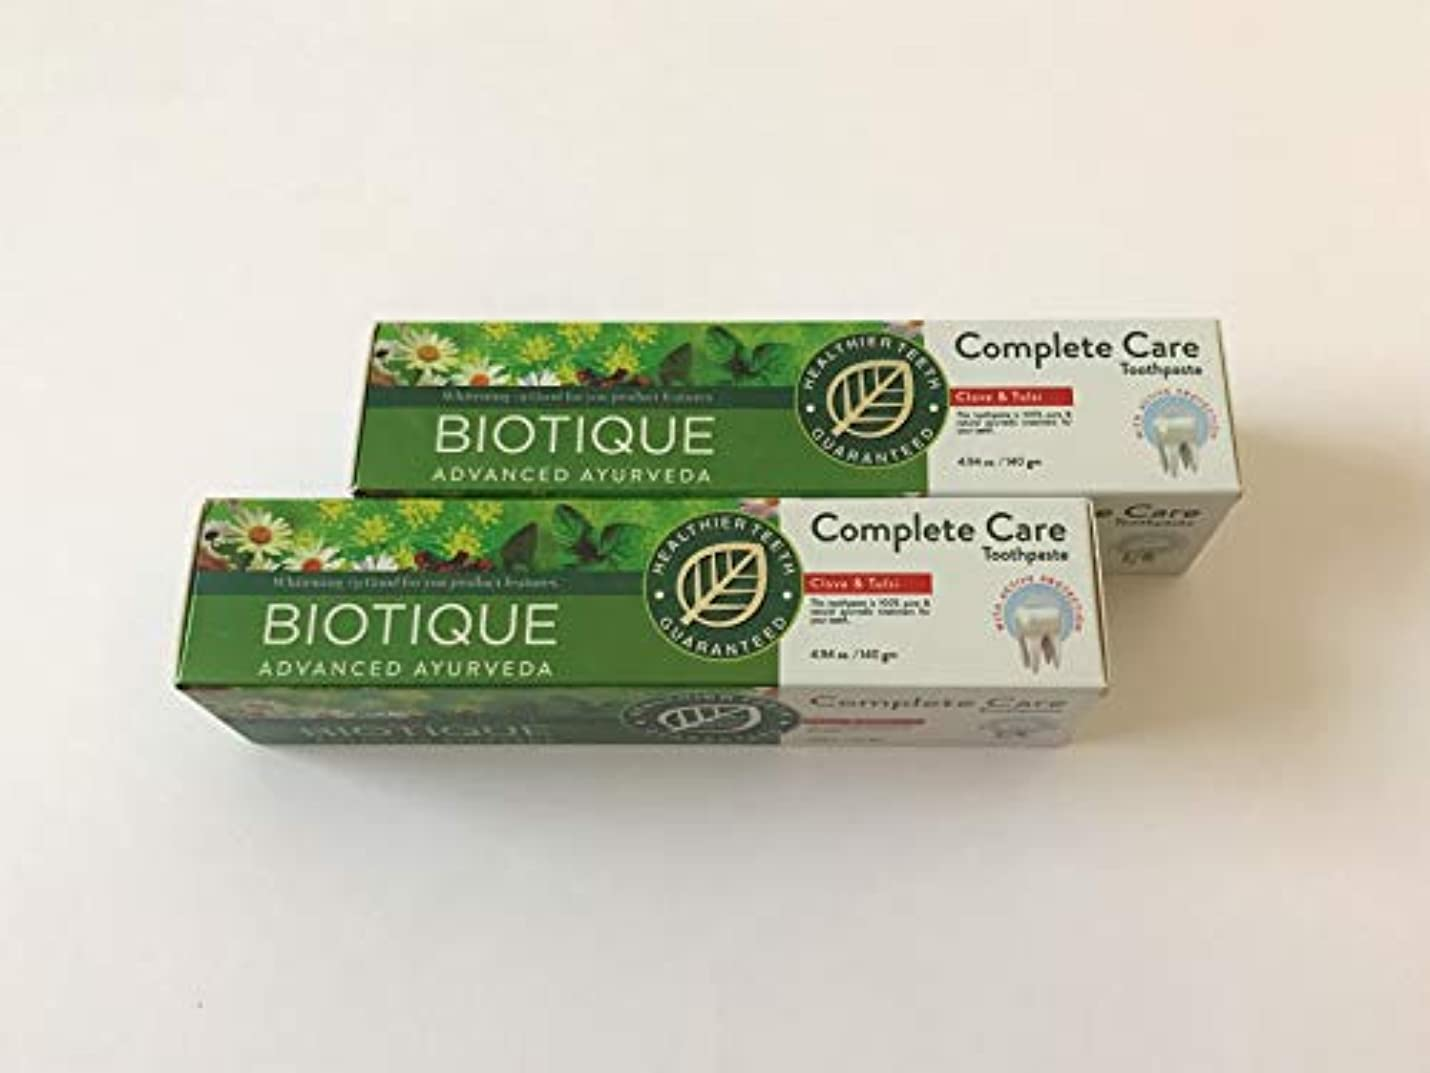 草レンダー代数的バイオティーク アーユルヴェーダ コンプリートケア 歯磨き粉 140g 2本セット(箱あり)